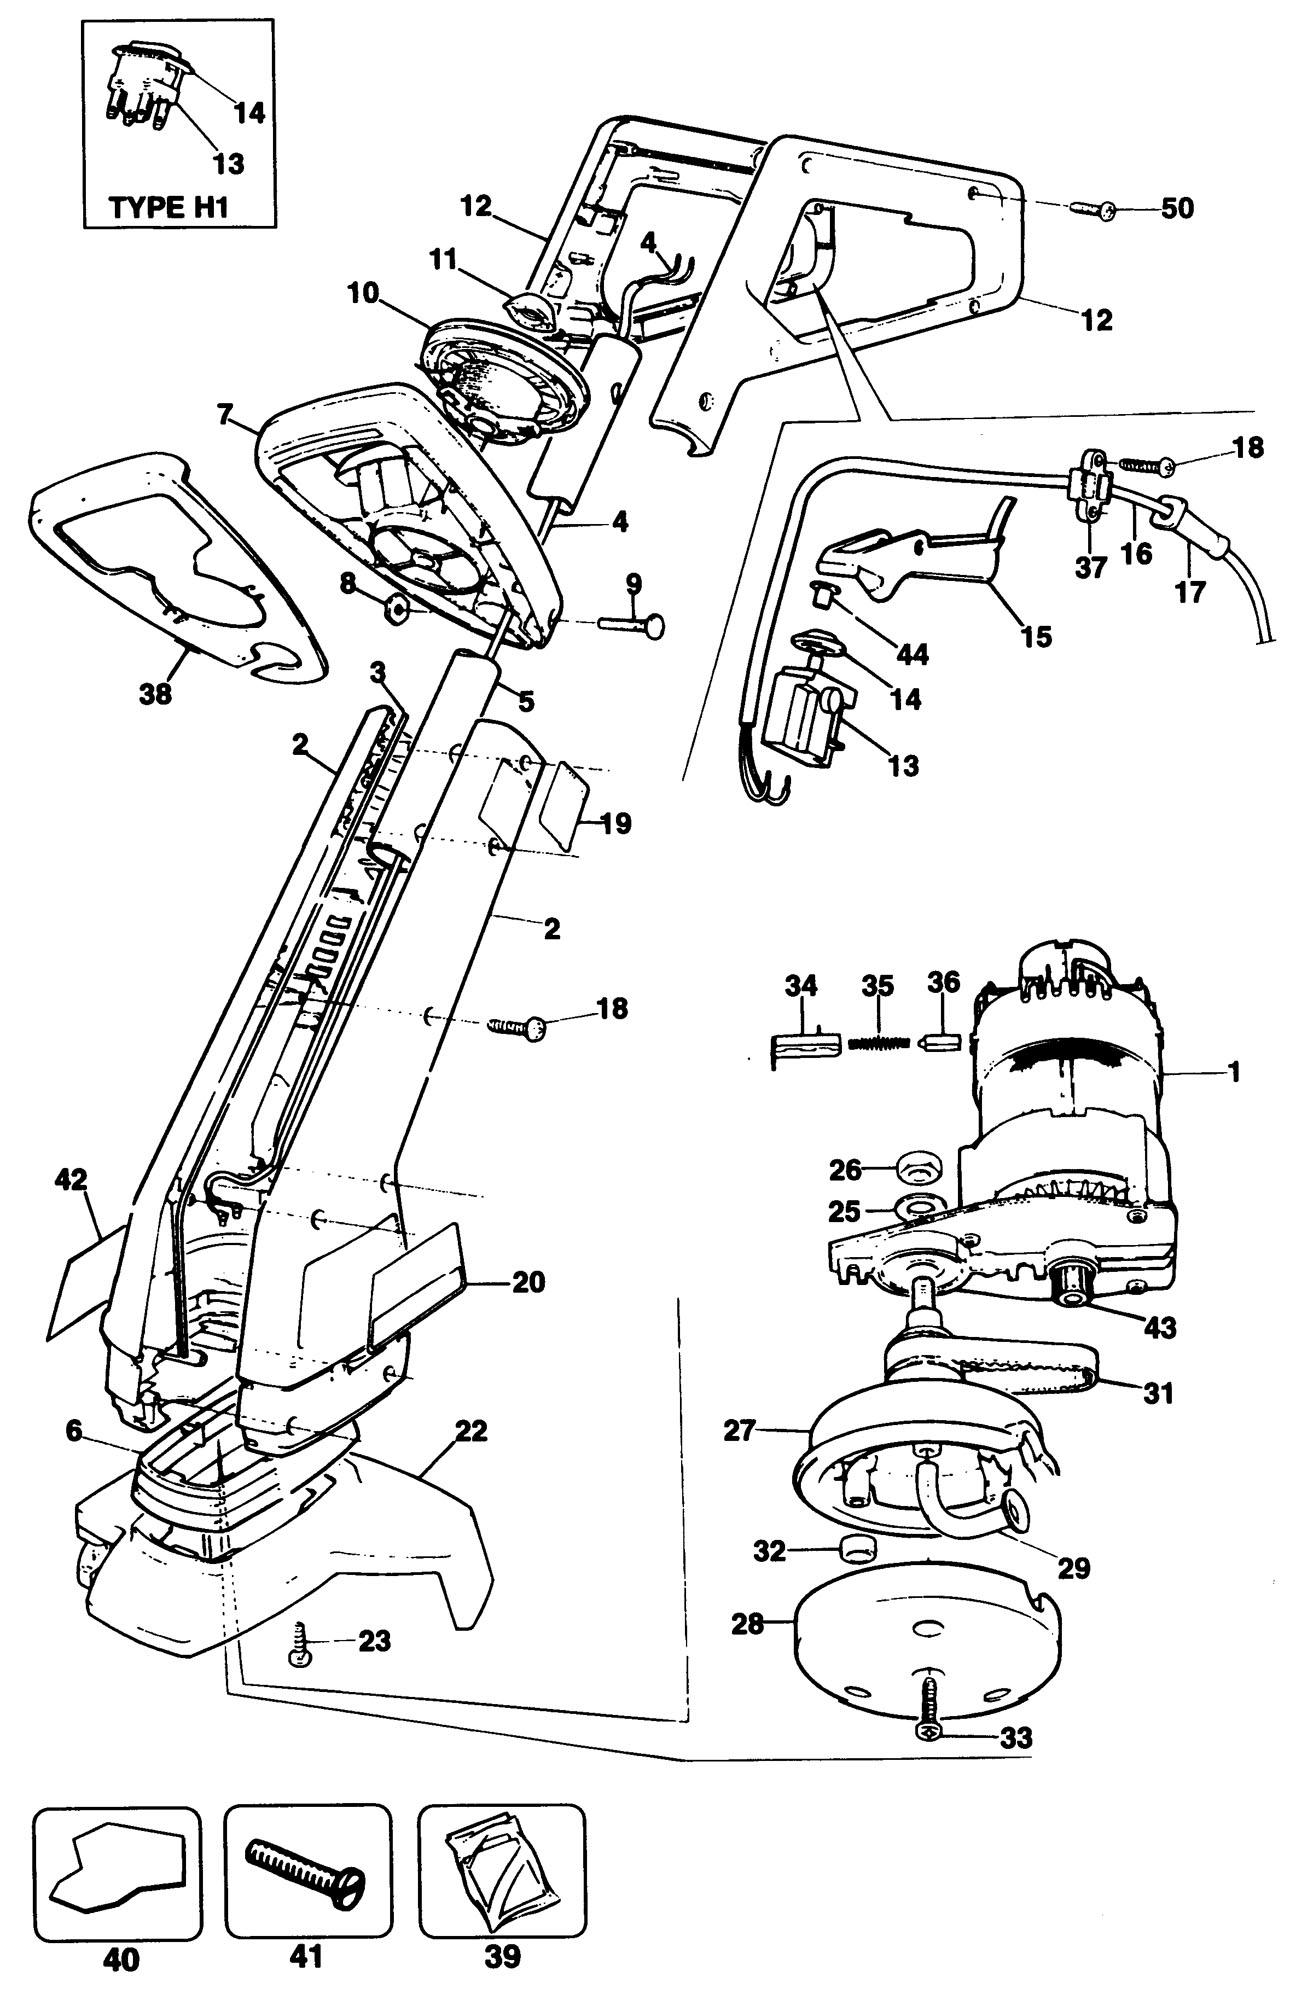 Spares for Black & Decker Gl620 String Trimmer (type 1 ...